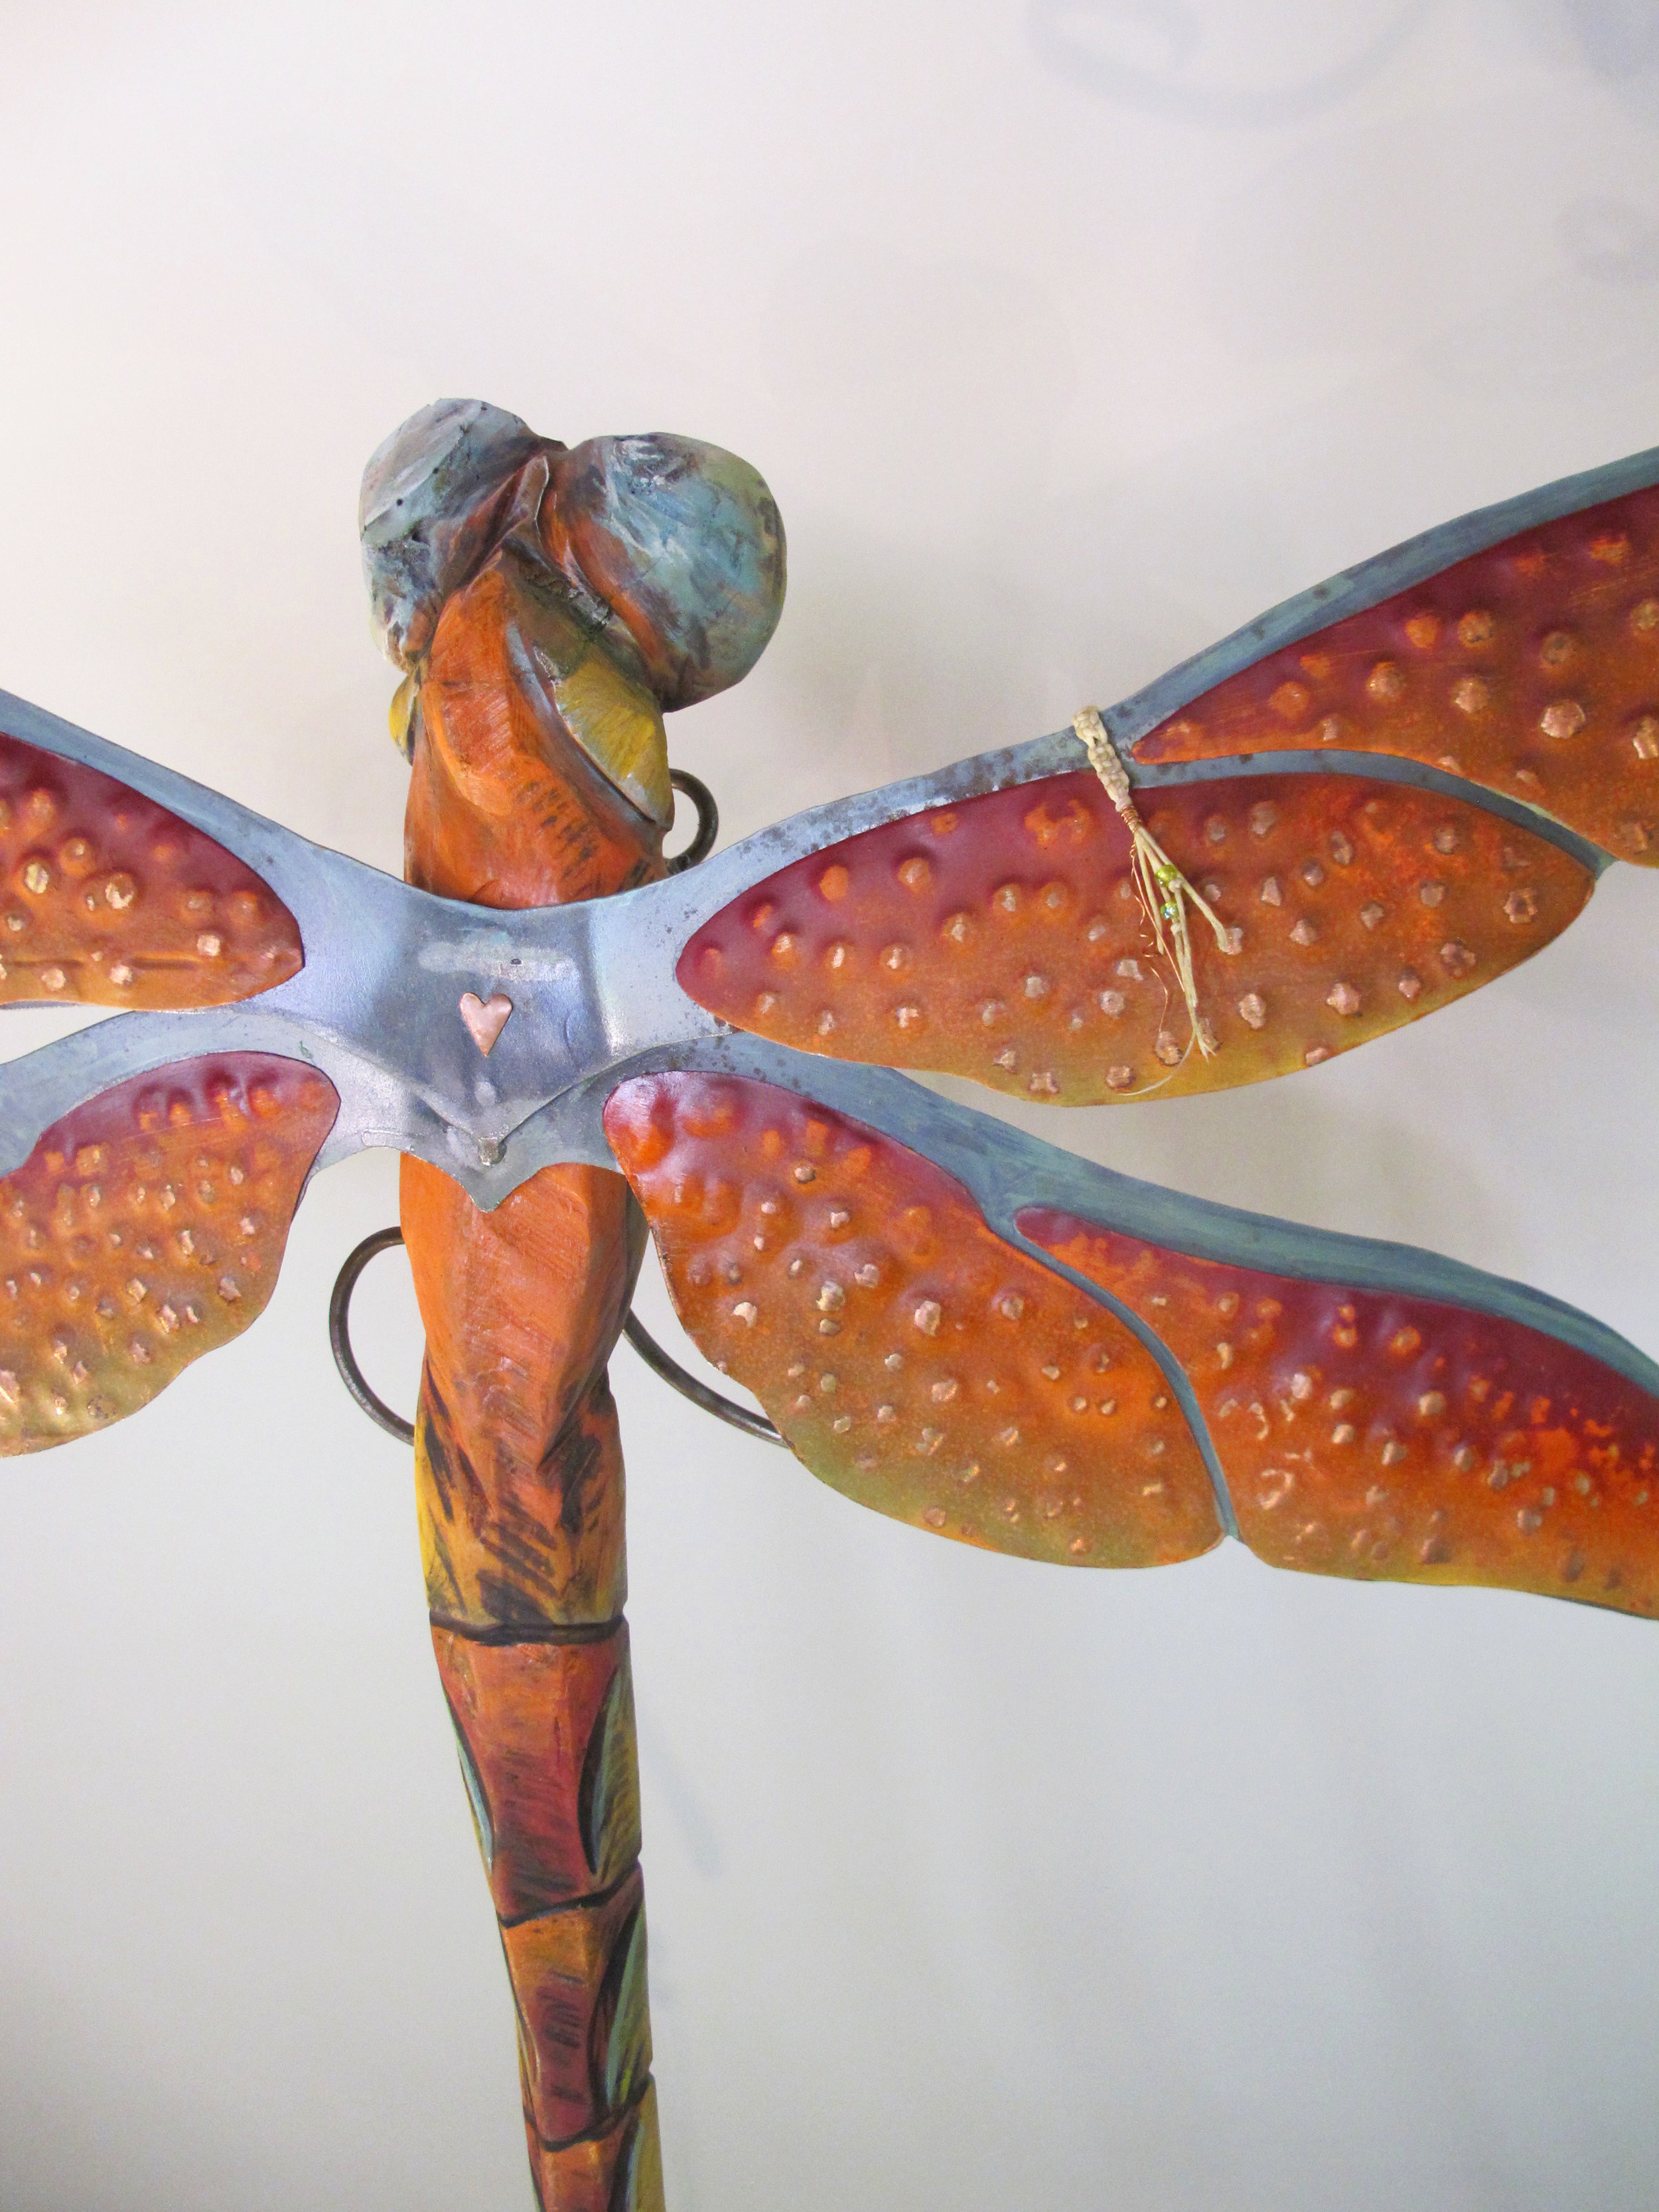 brightorange dragonfly-07.jpg